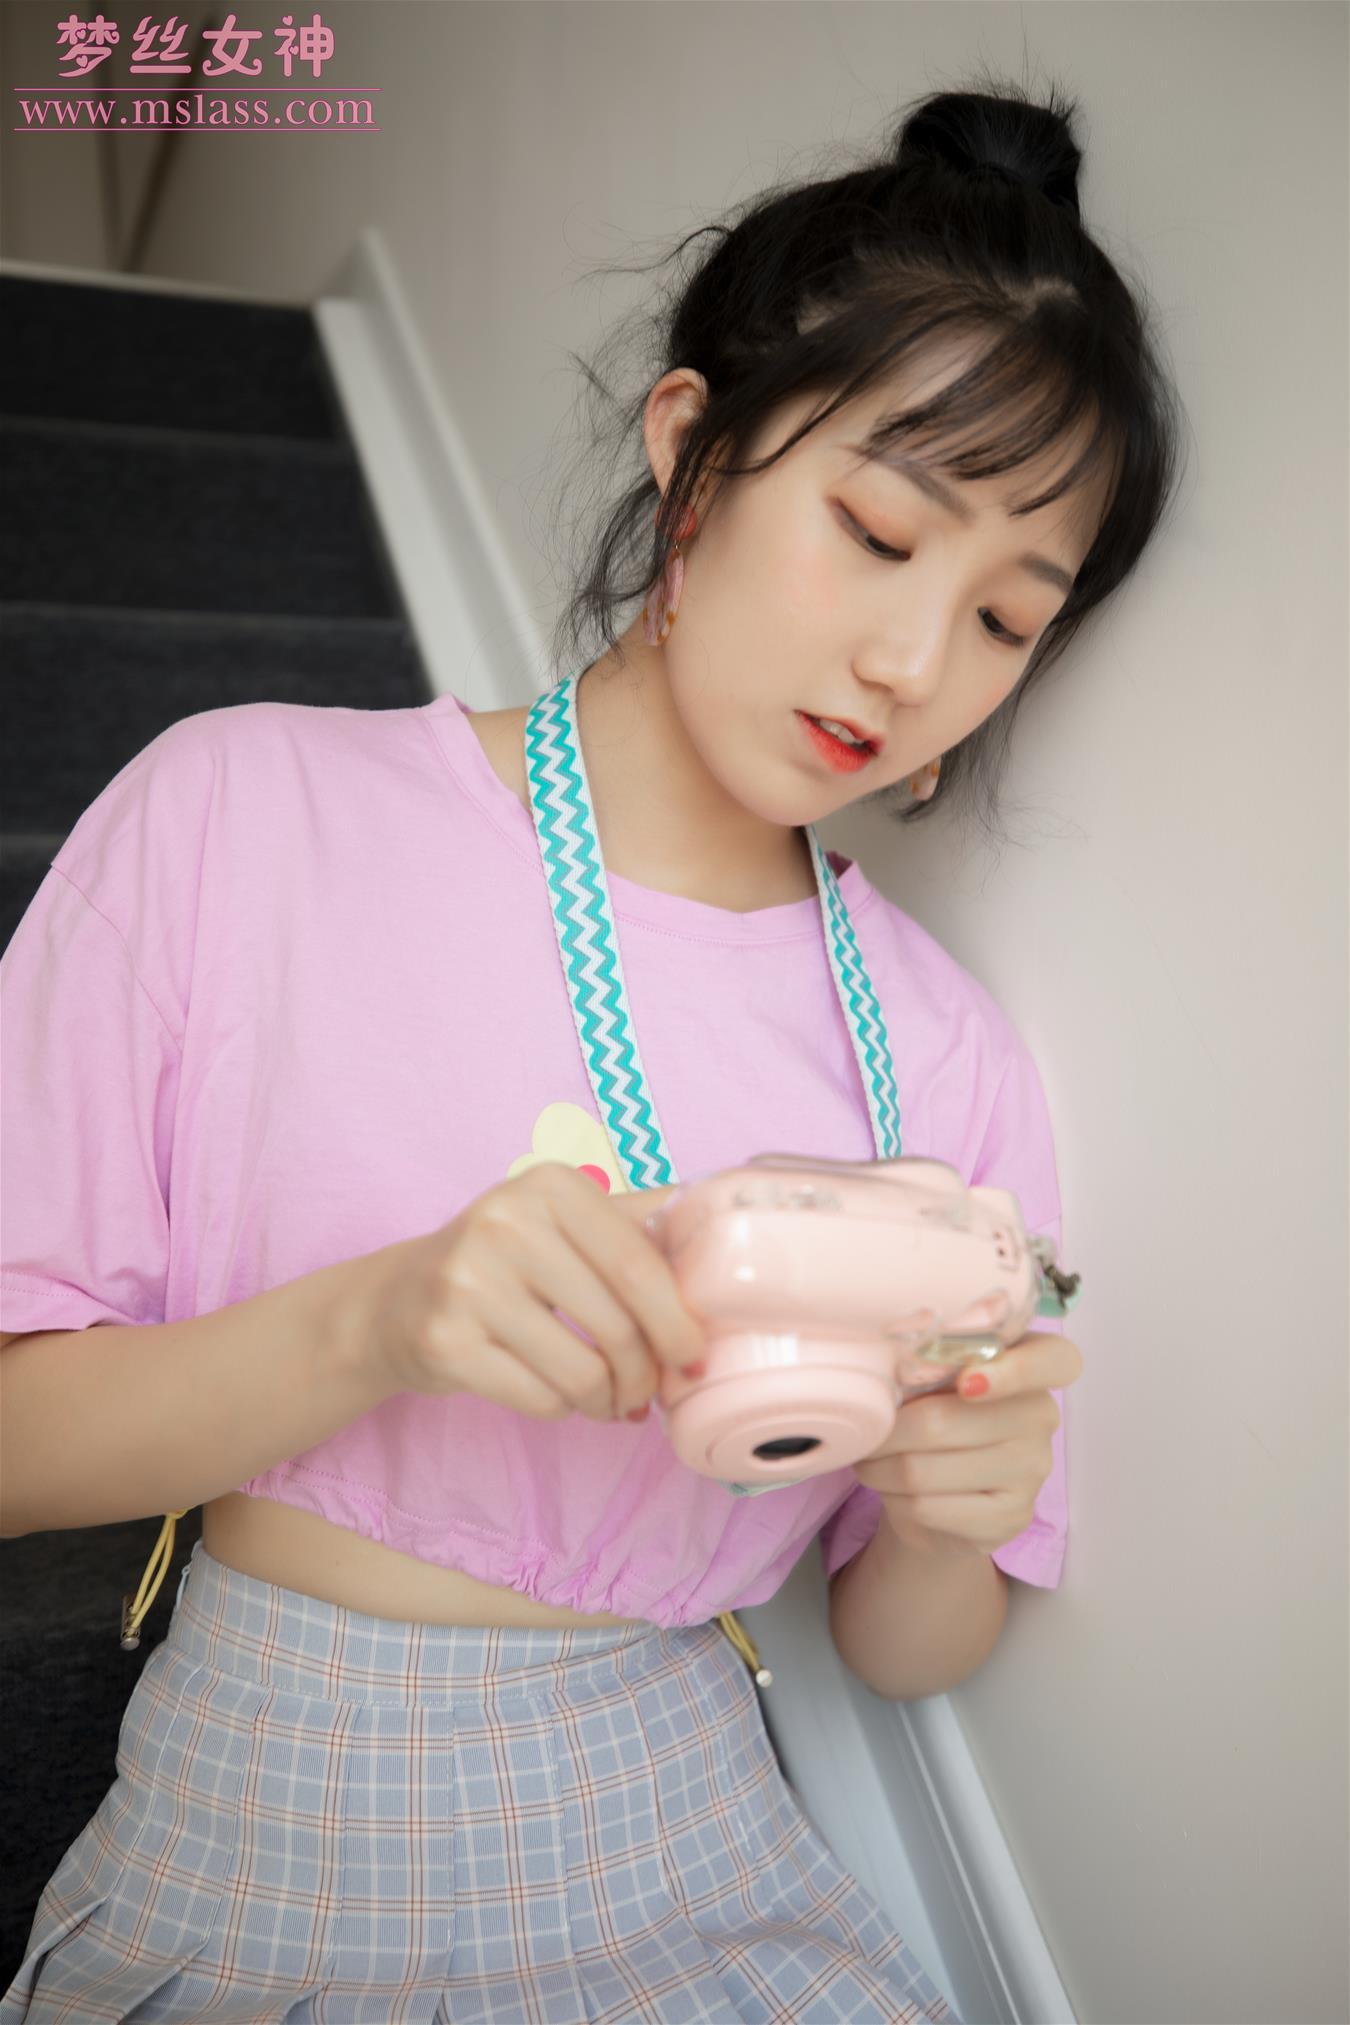 梦丝女神 2019.08.15 VOL.037 萤仙女 仙女下凡 [67P-438MB] 梦丝女神-第2张